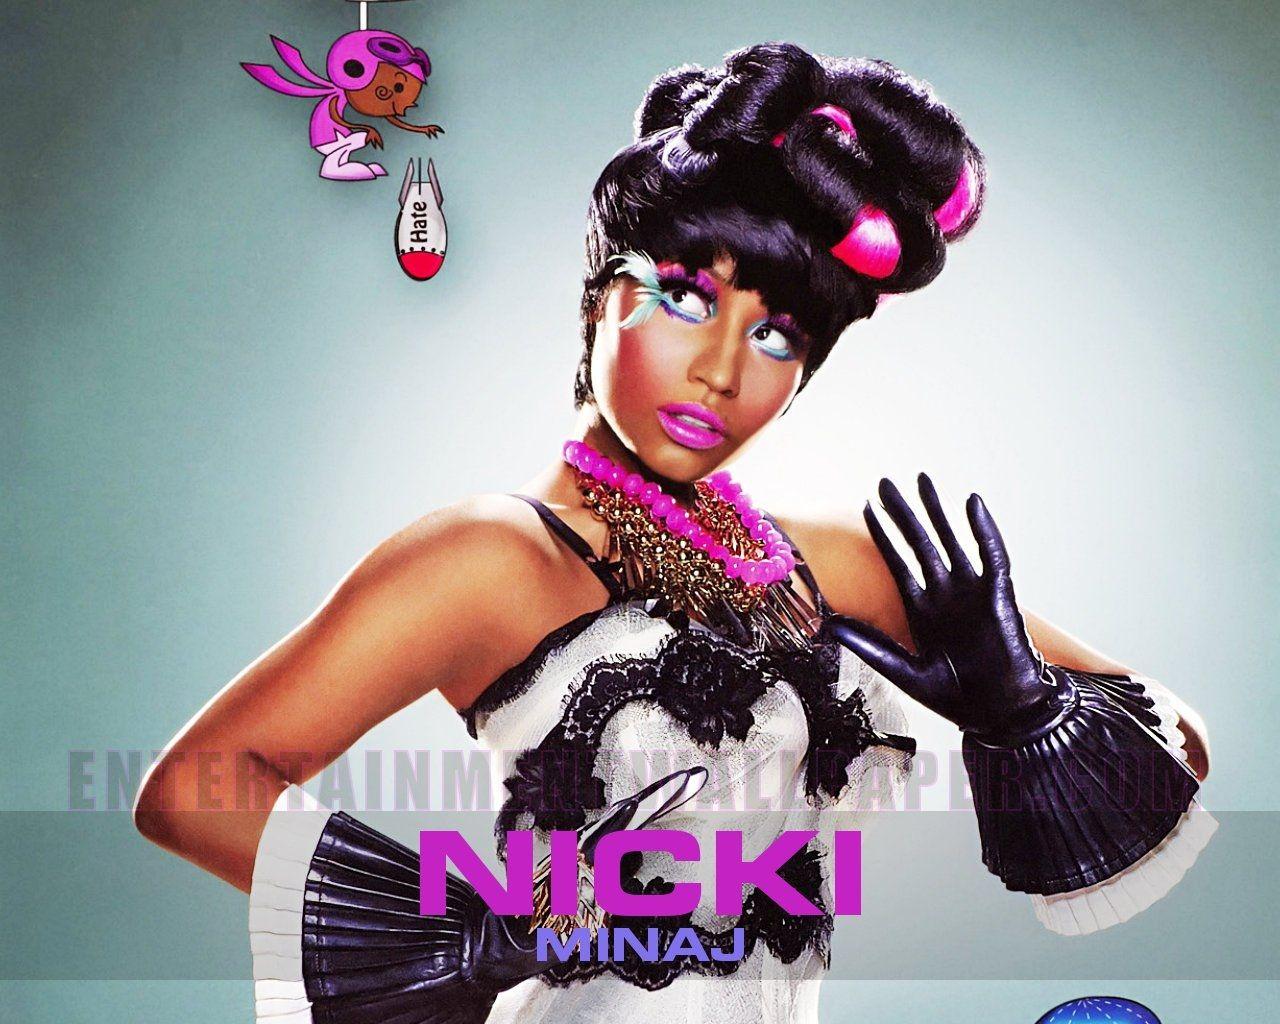 Free Nicki Minaj Wallpapers Wallpaper 1920×1080 Free Nicki